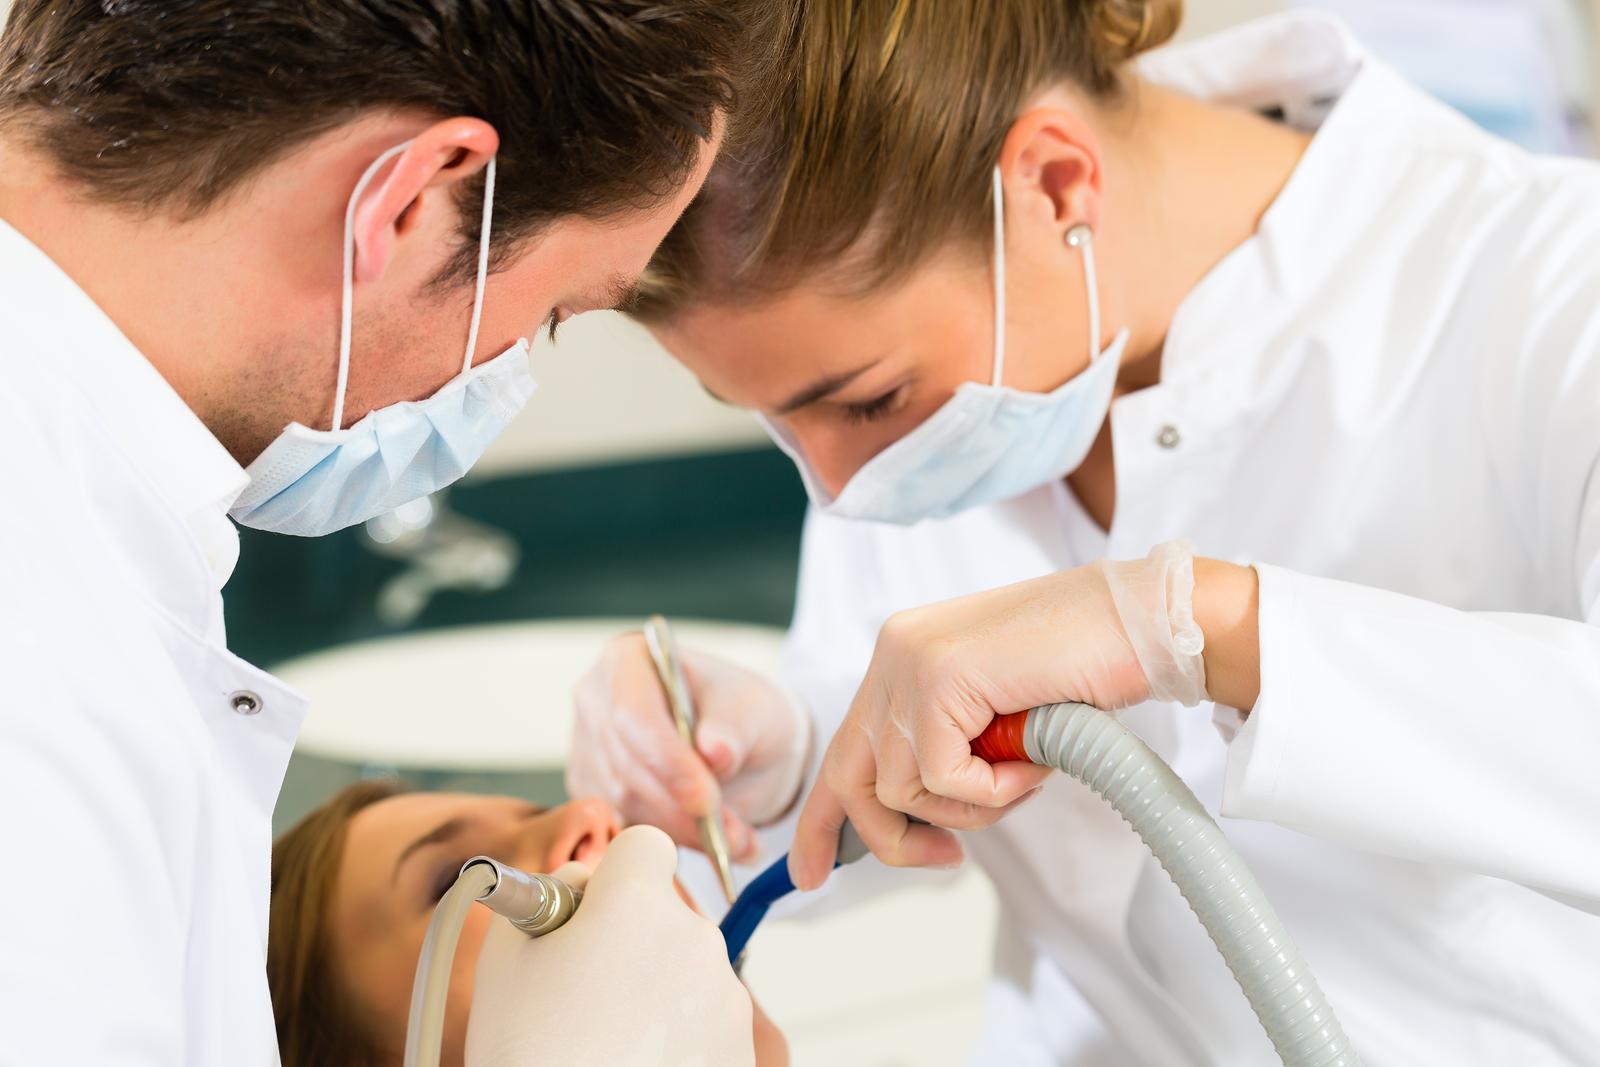 Todo brasileiro pode receber tratamento odontológico no SUS